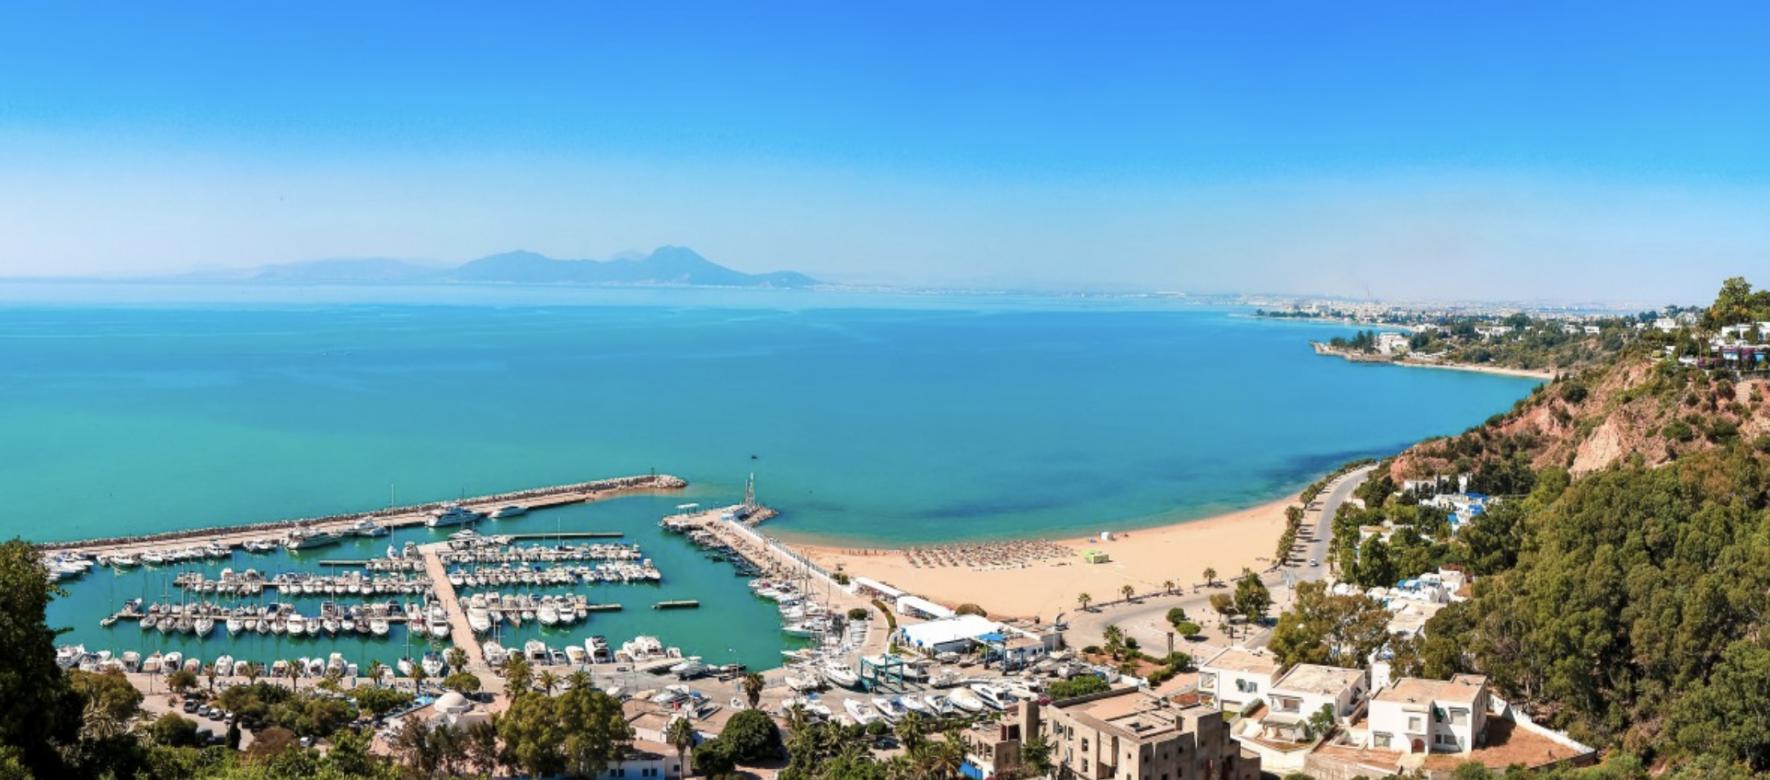 La Tunisie voit chuter ses recettes touristiques de 65%